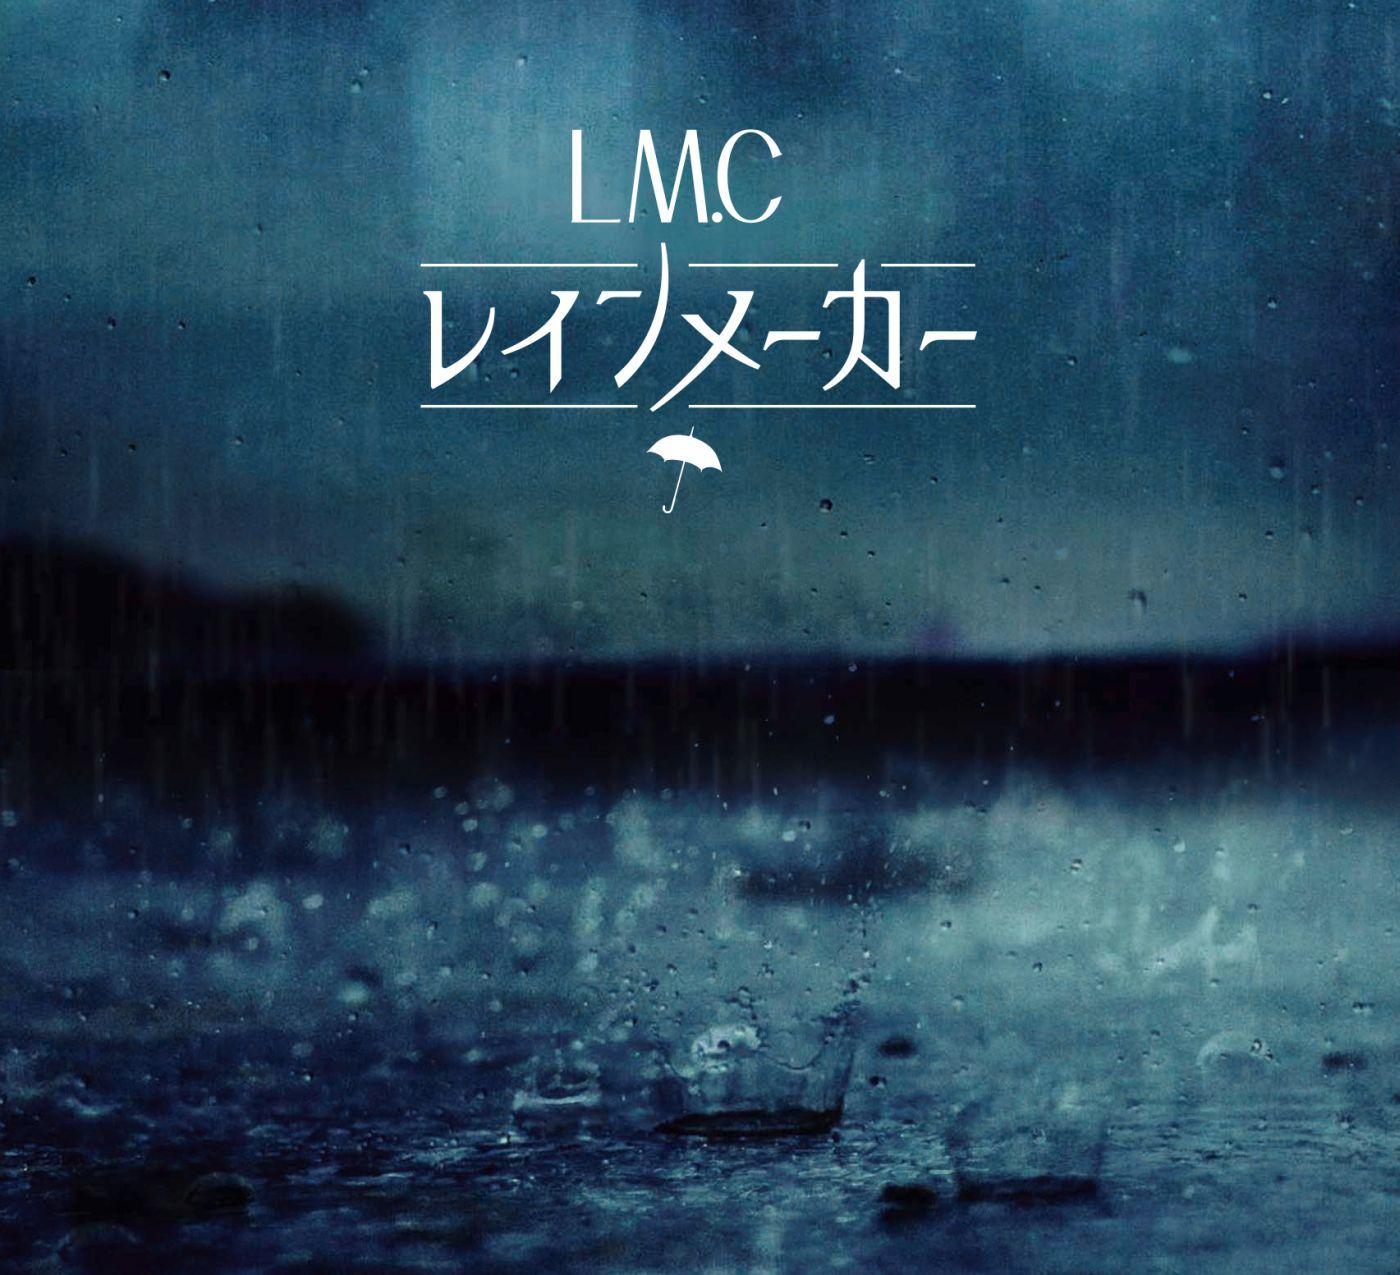 LM.C「レインメーカー」初回盤